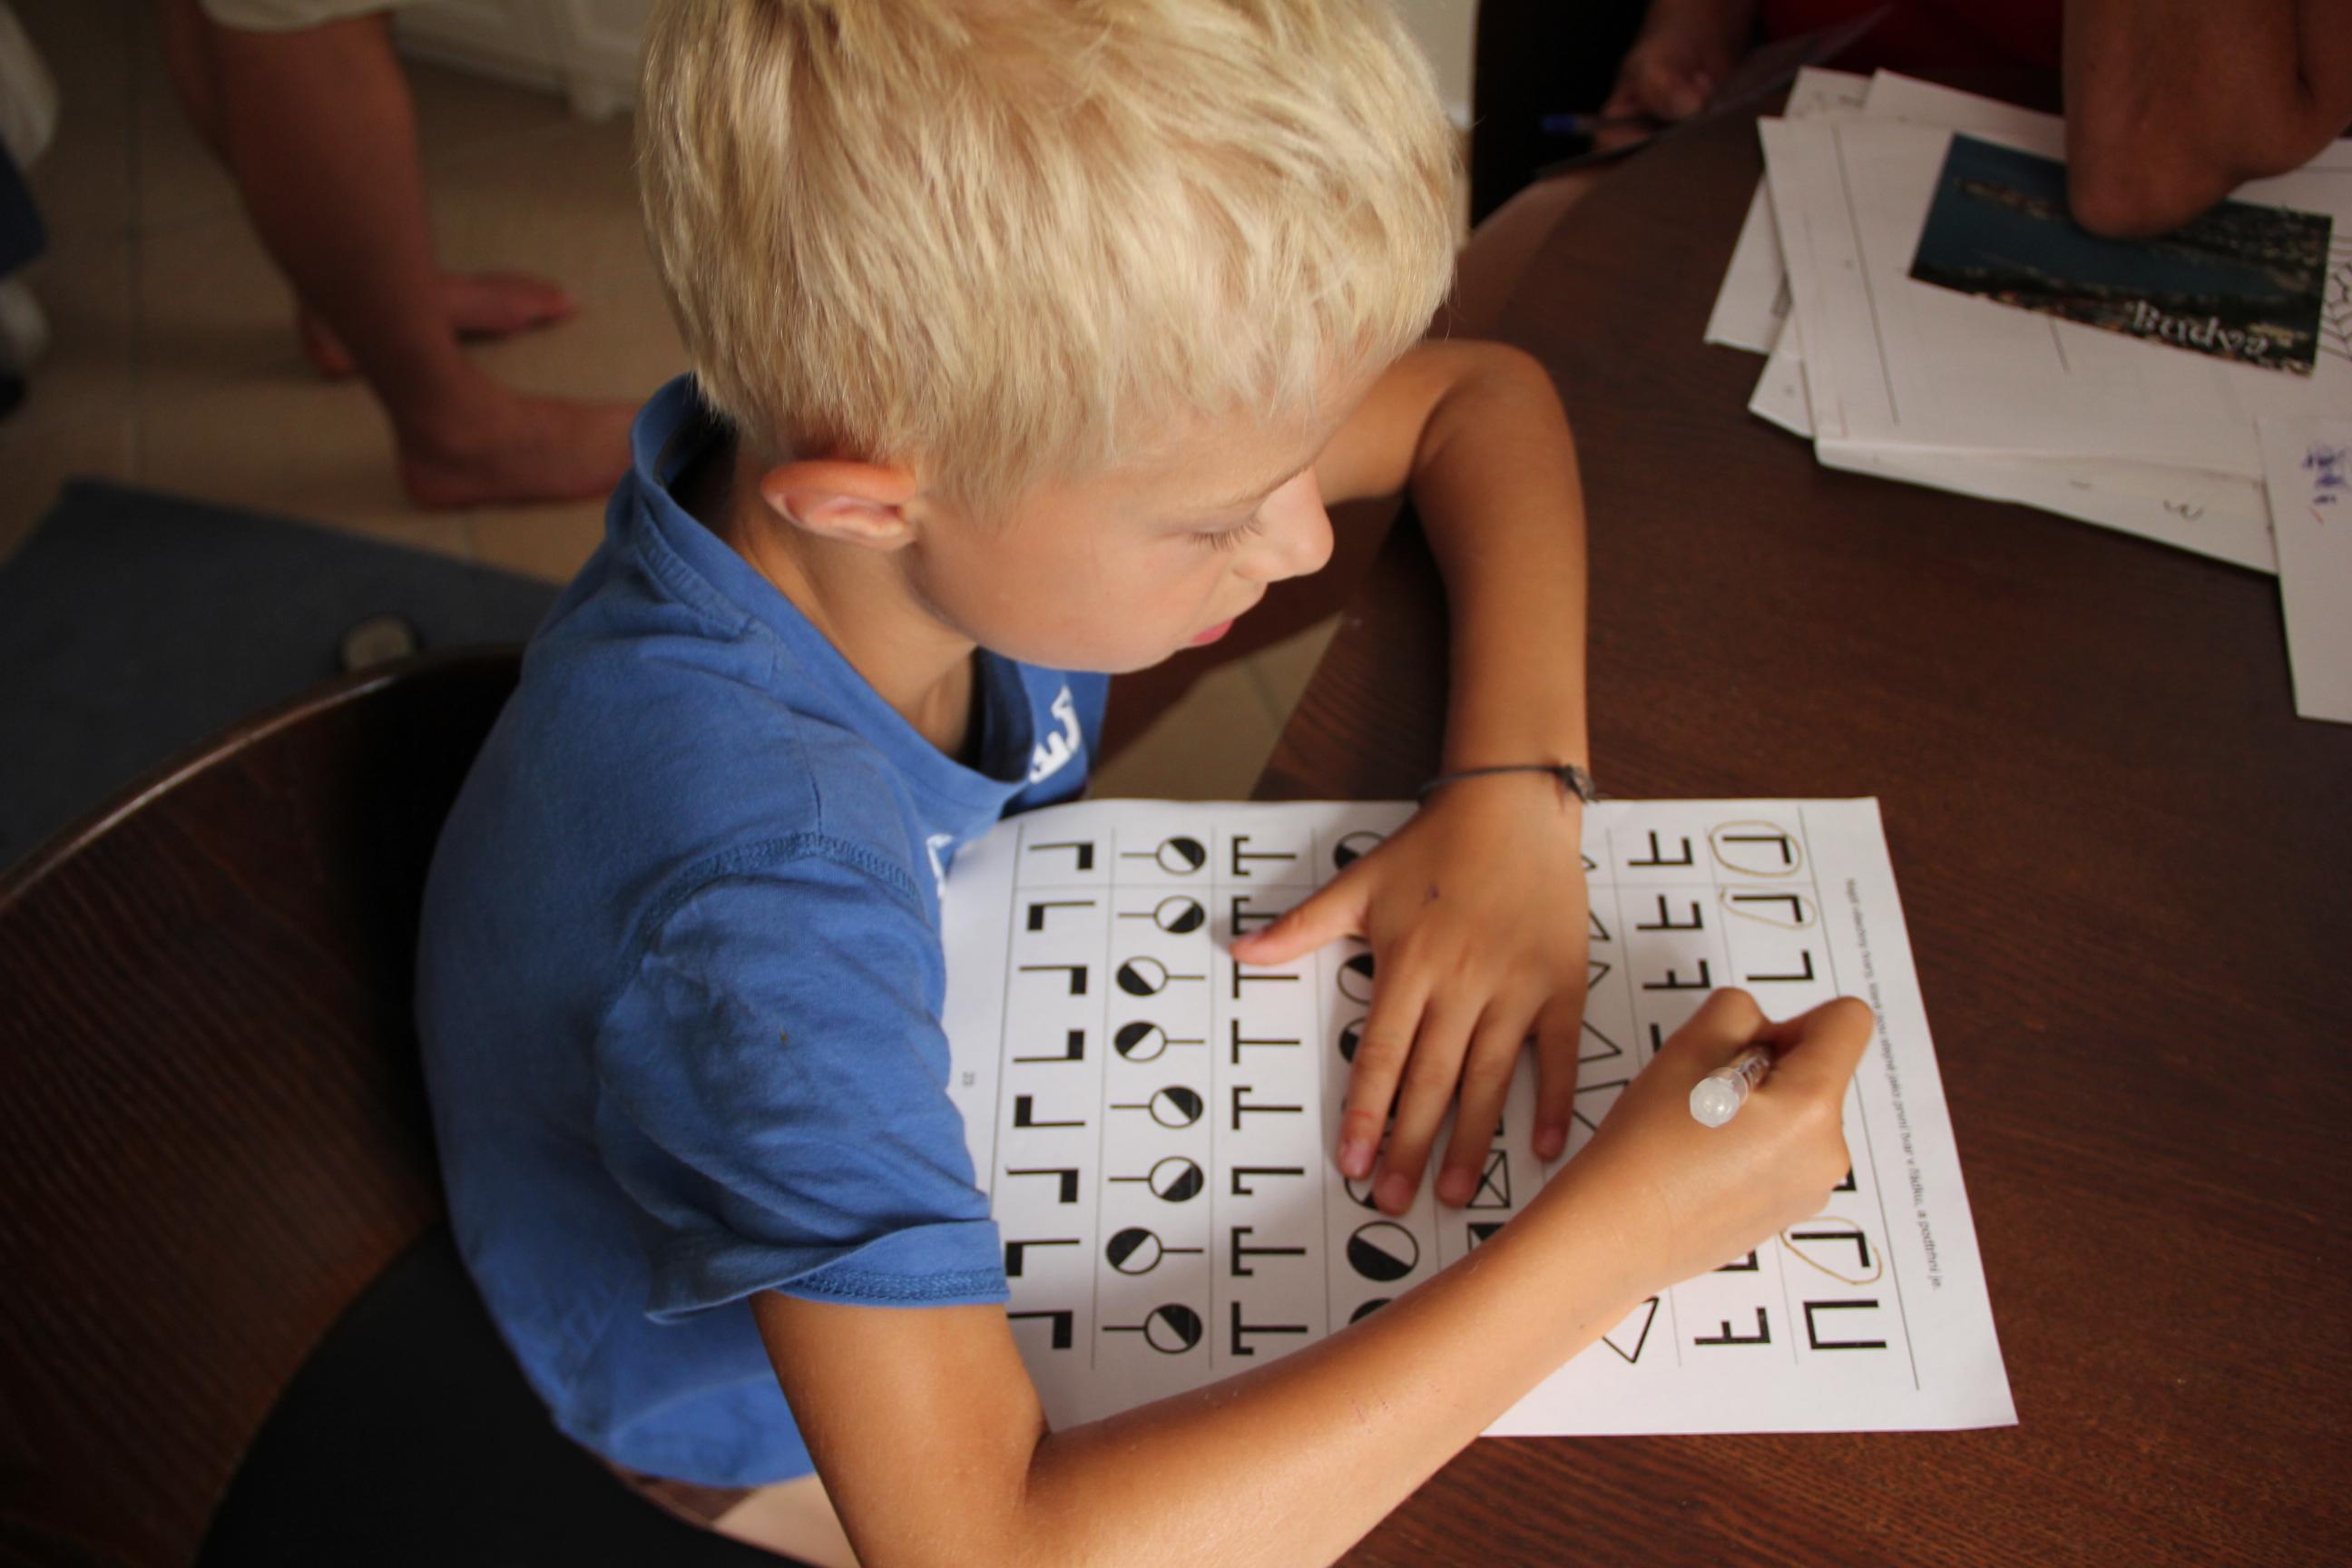 Máte chytré dítě? Tak ho nechte si hrát! (2.)